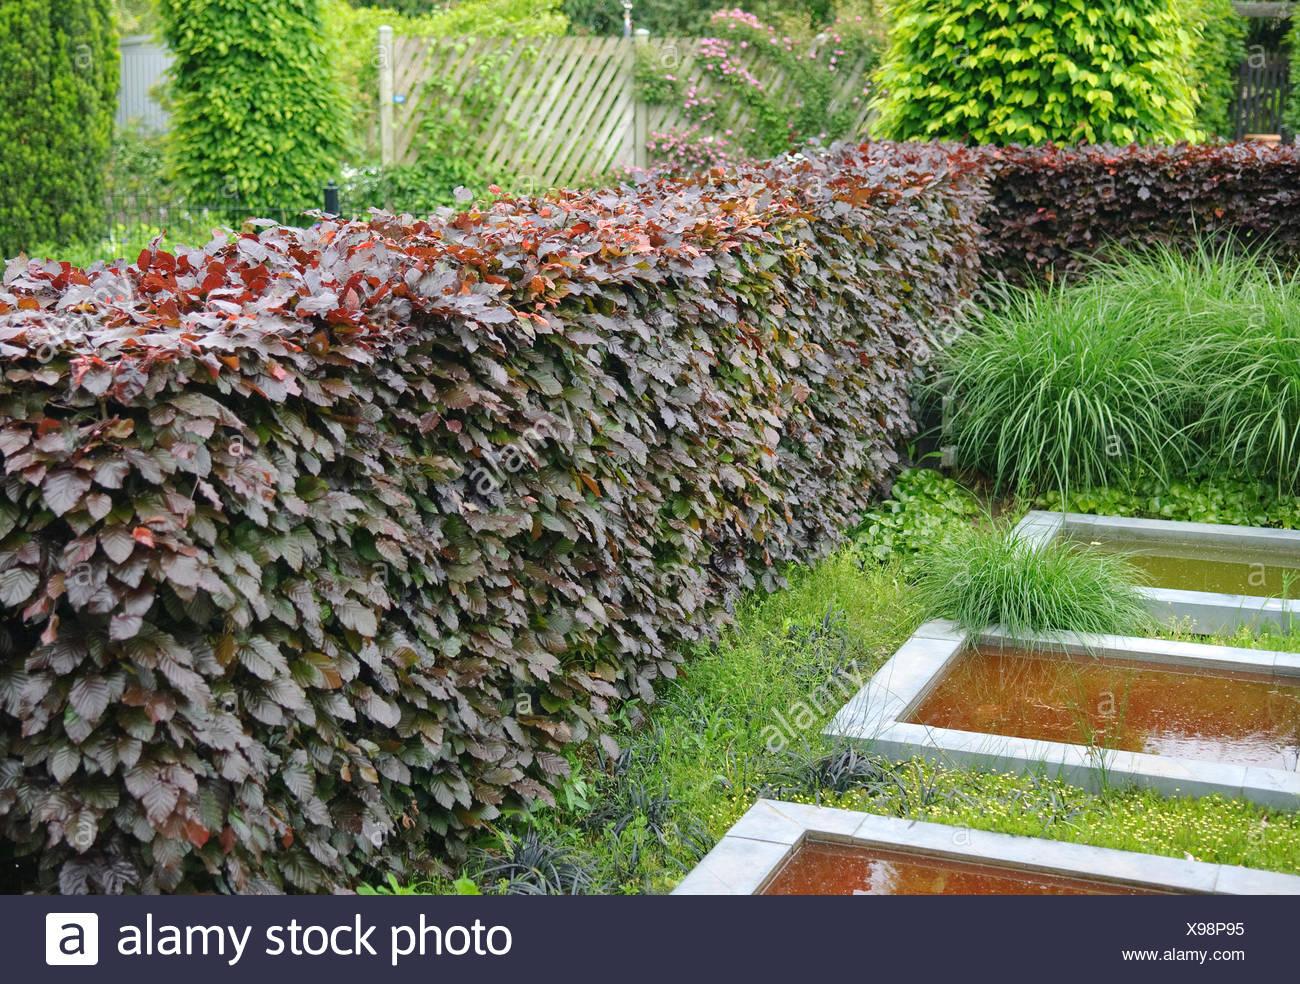 copper beech (Fagus sylvatica 'Purpurea Latifolia', Fagus sylvatica Purpurea Latifolia), cultivar Purpurea Latifolia, hedge in a park - Stock Image